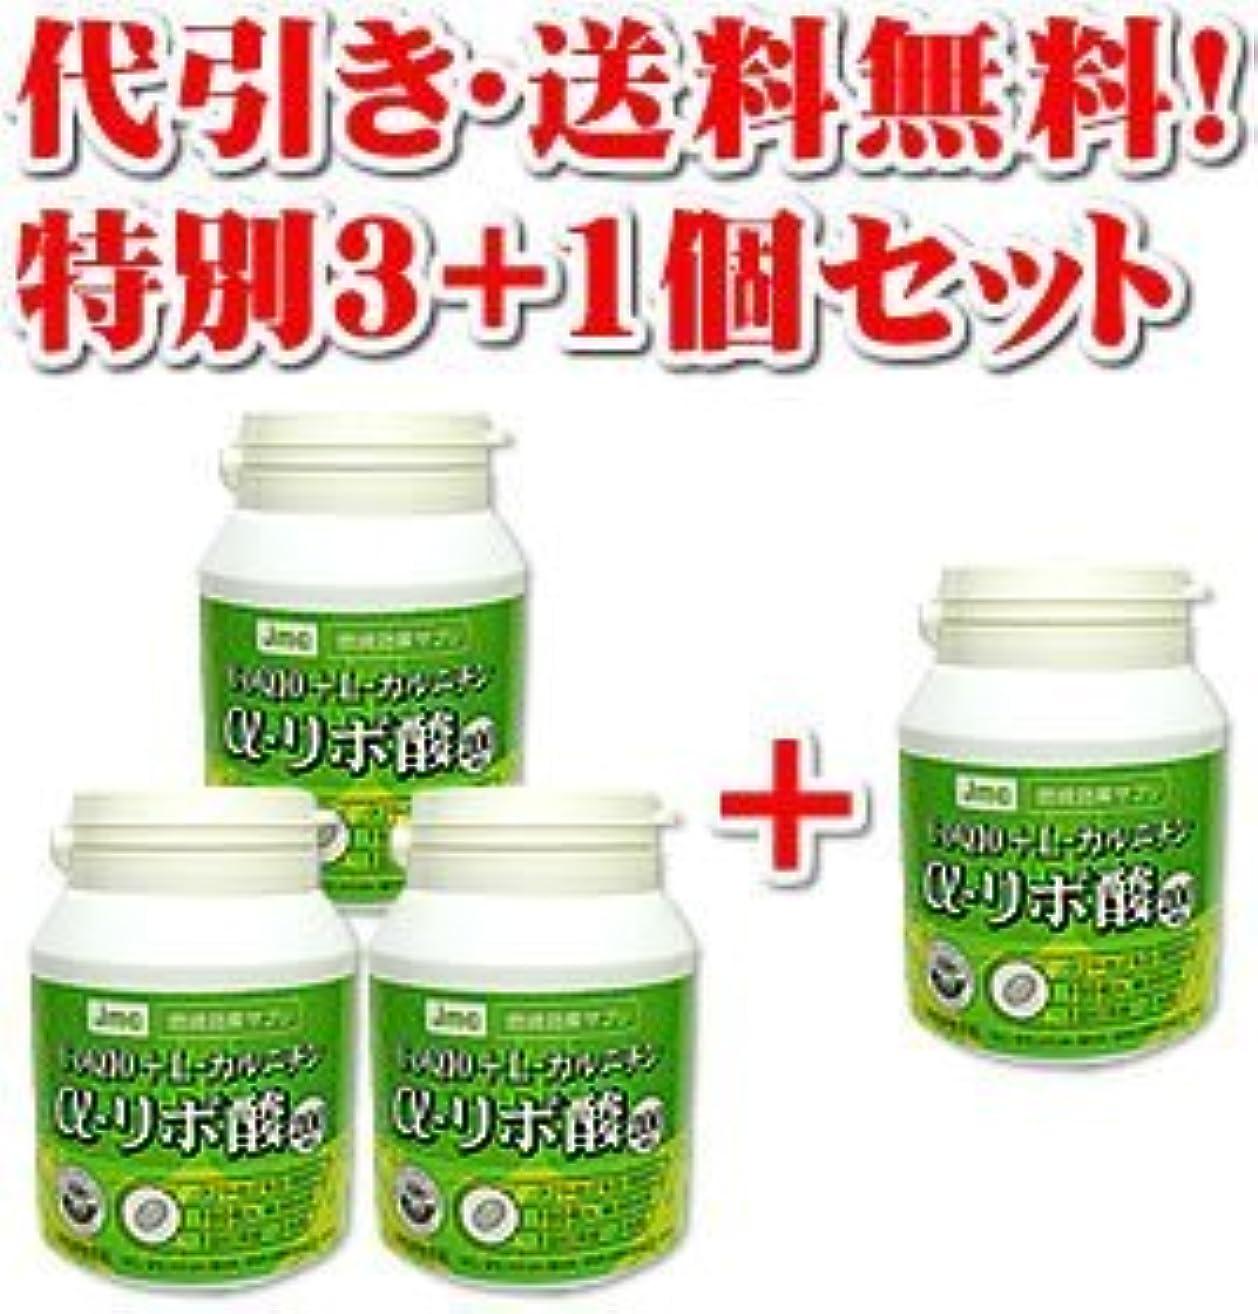 メダルサイクル慰めα-リポ酸200mg(ダイエットの4大成分を1粒に凝縮)4個セット